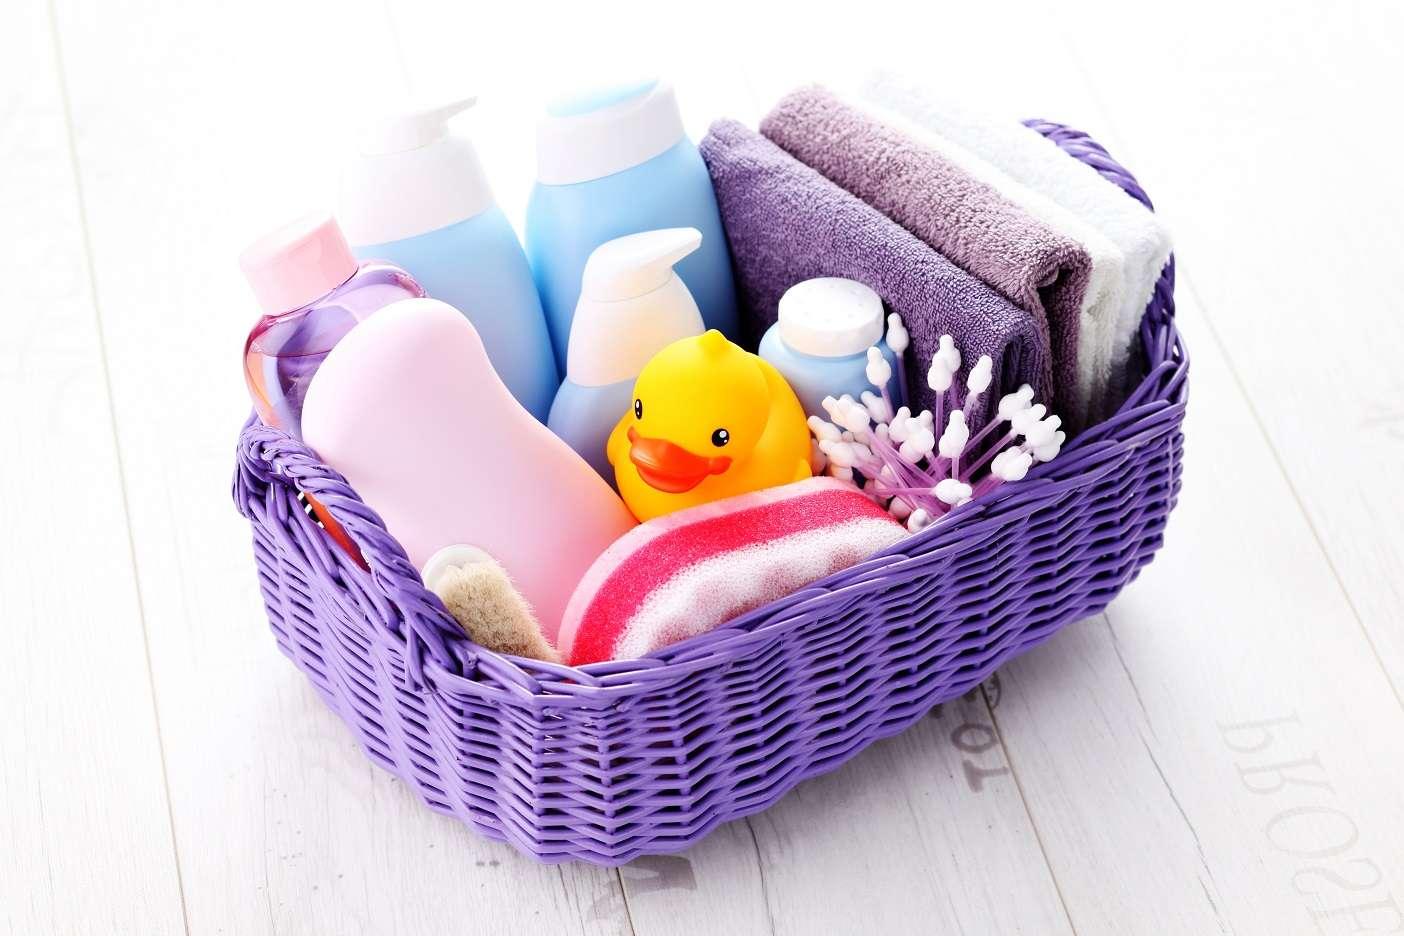 Shampoings, lotions nettoyantes ou produits pour le bain ne sont pas innocents. © matka_Wariatka, Shutterstock